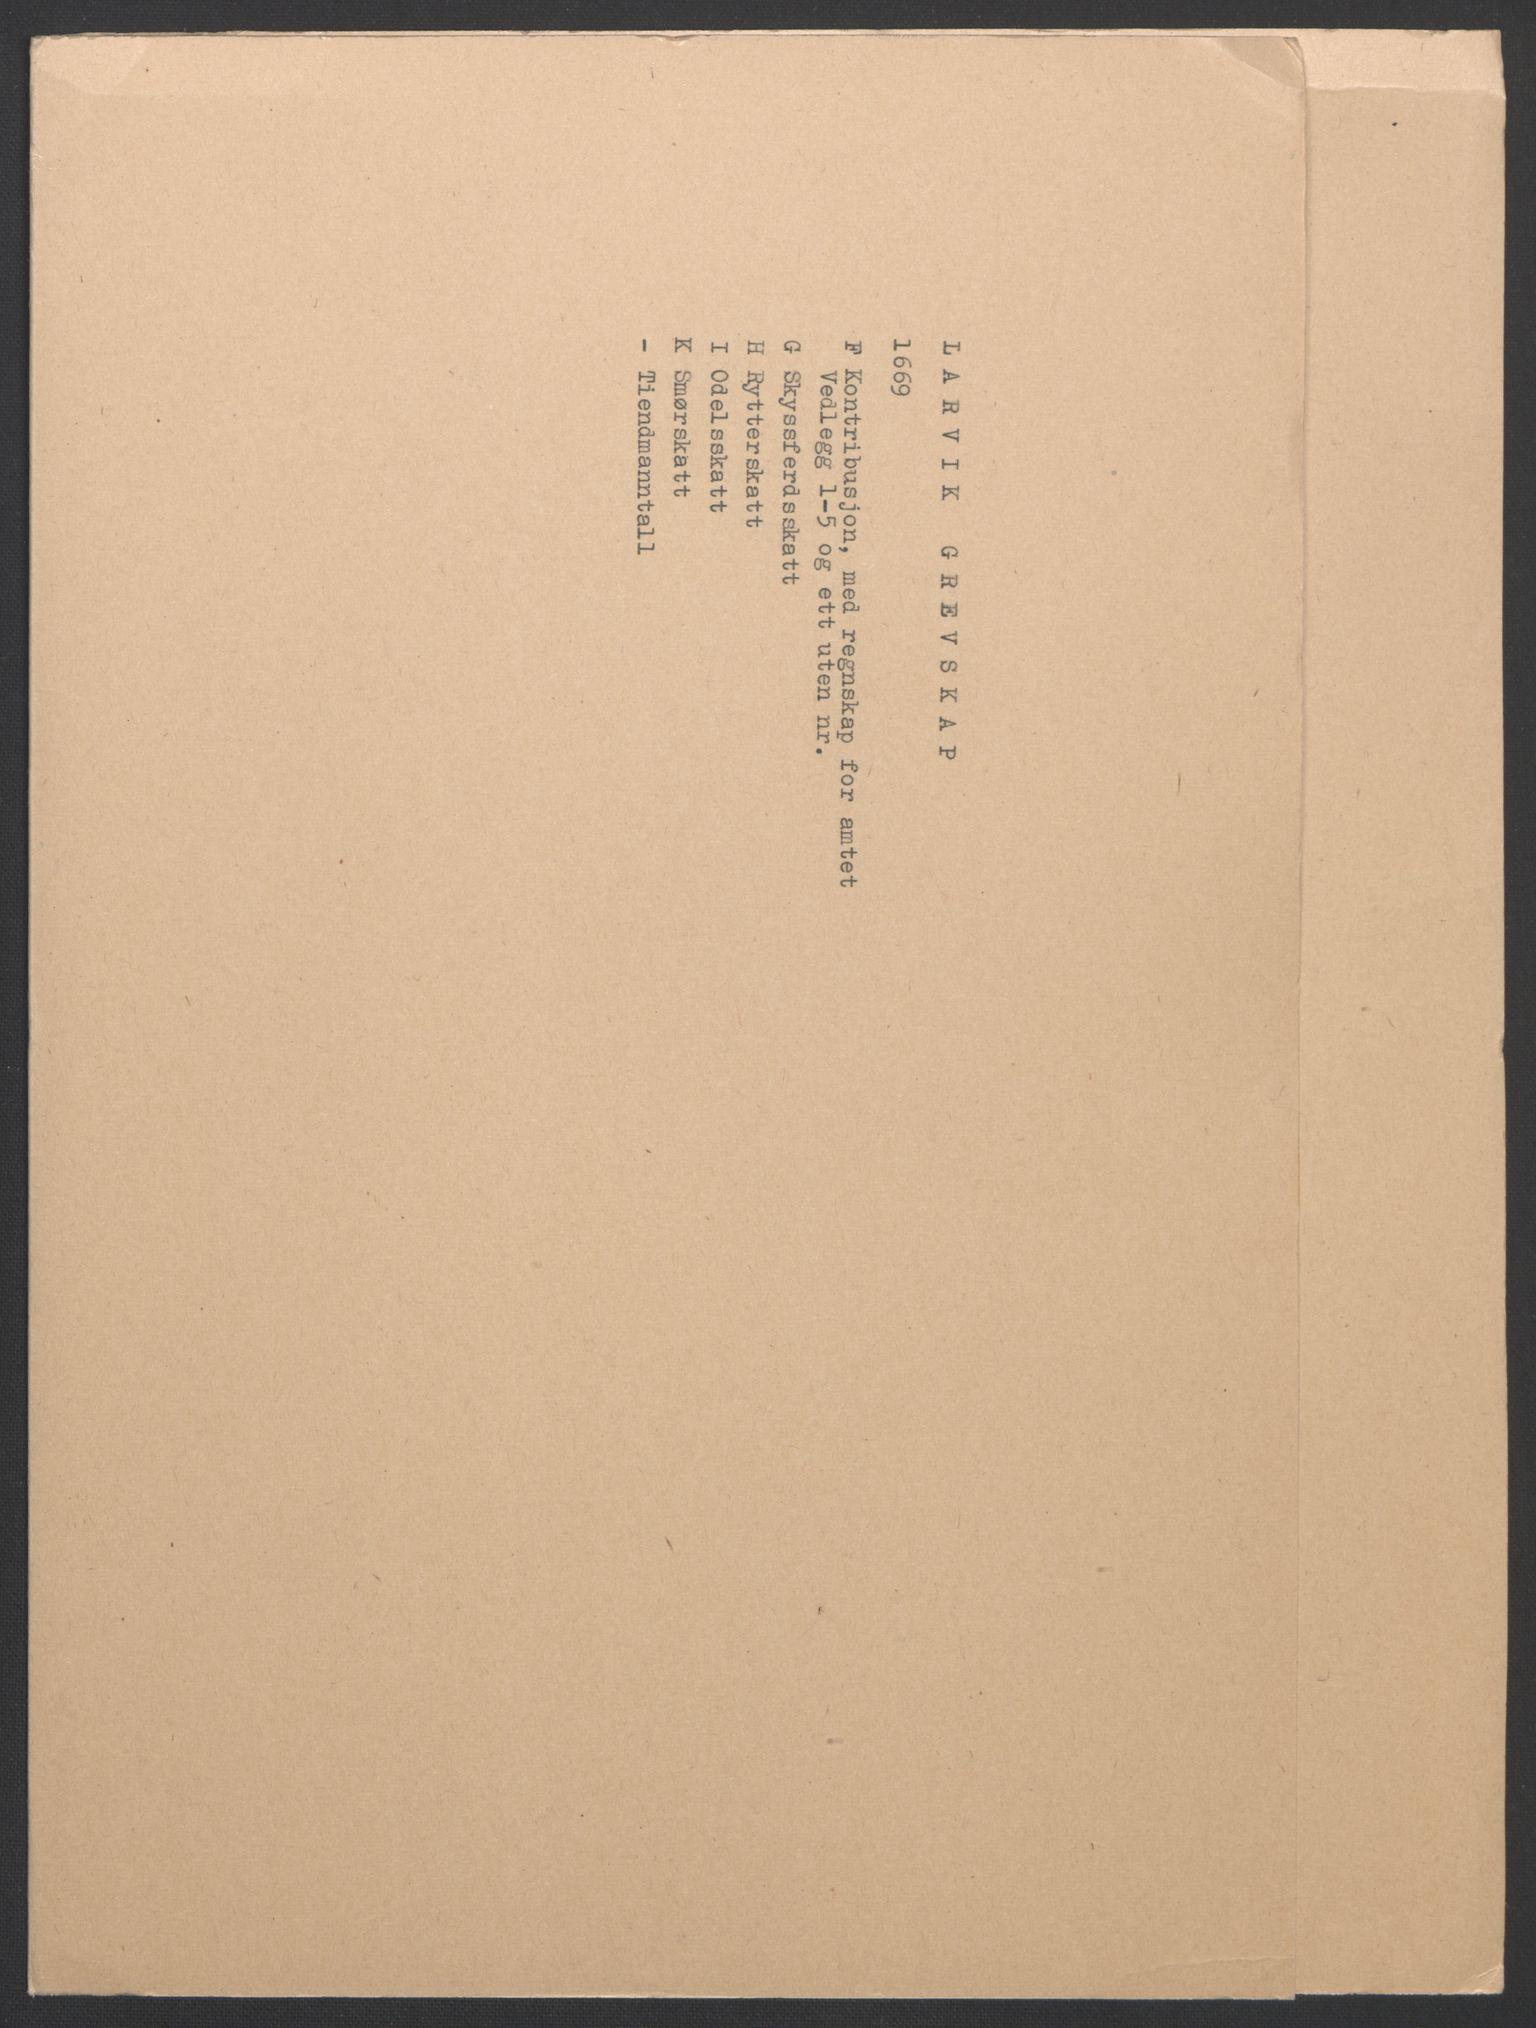 RA, Rentekammeret inntil 1814, Reviderte regnskaper, Fogderegnskap, R33/L1965: Fogderegnskap Larvik grevskap, 1669-1670, s. 2